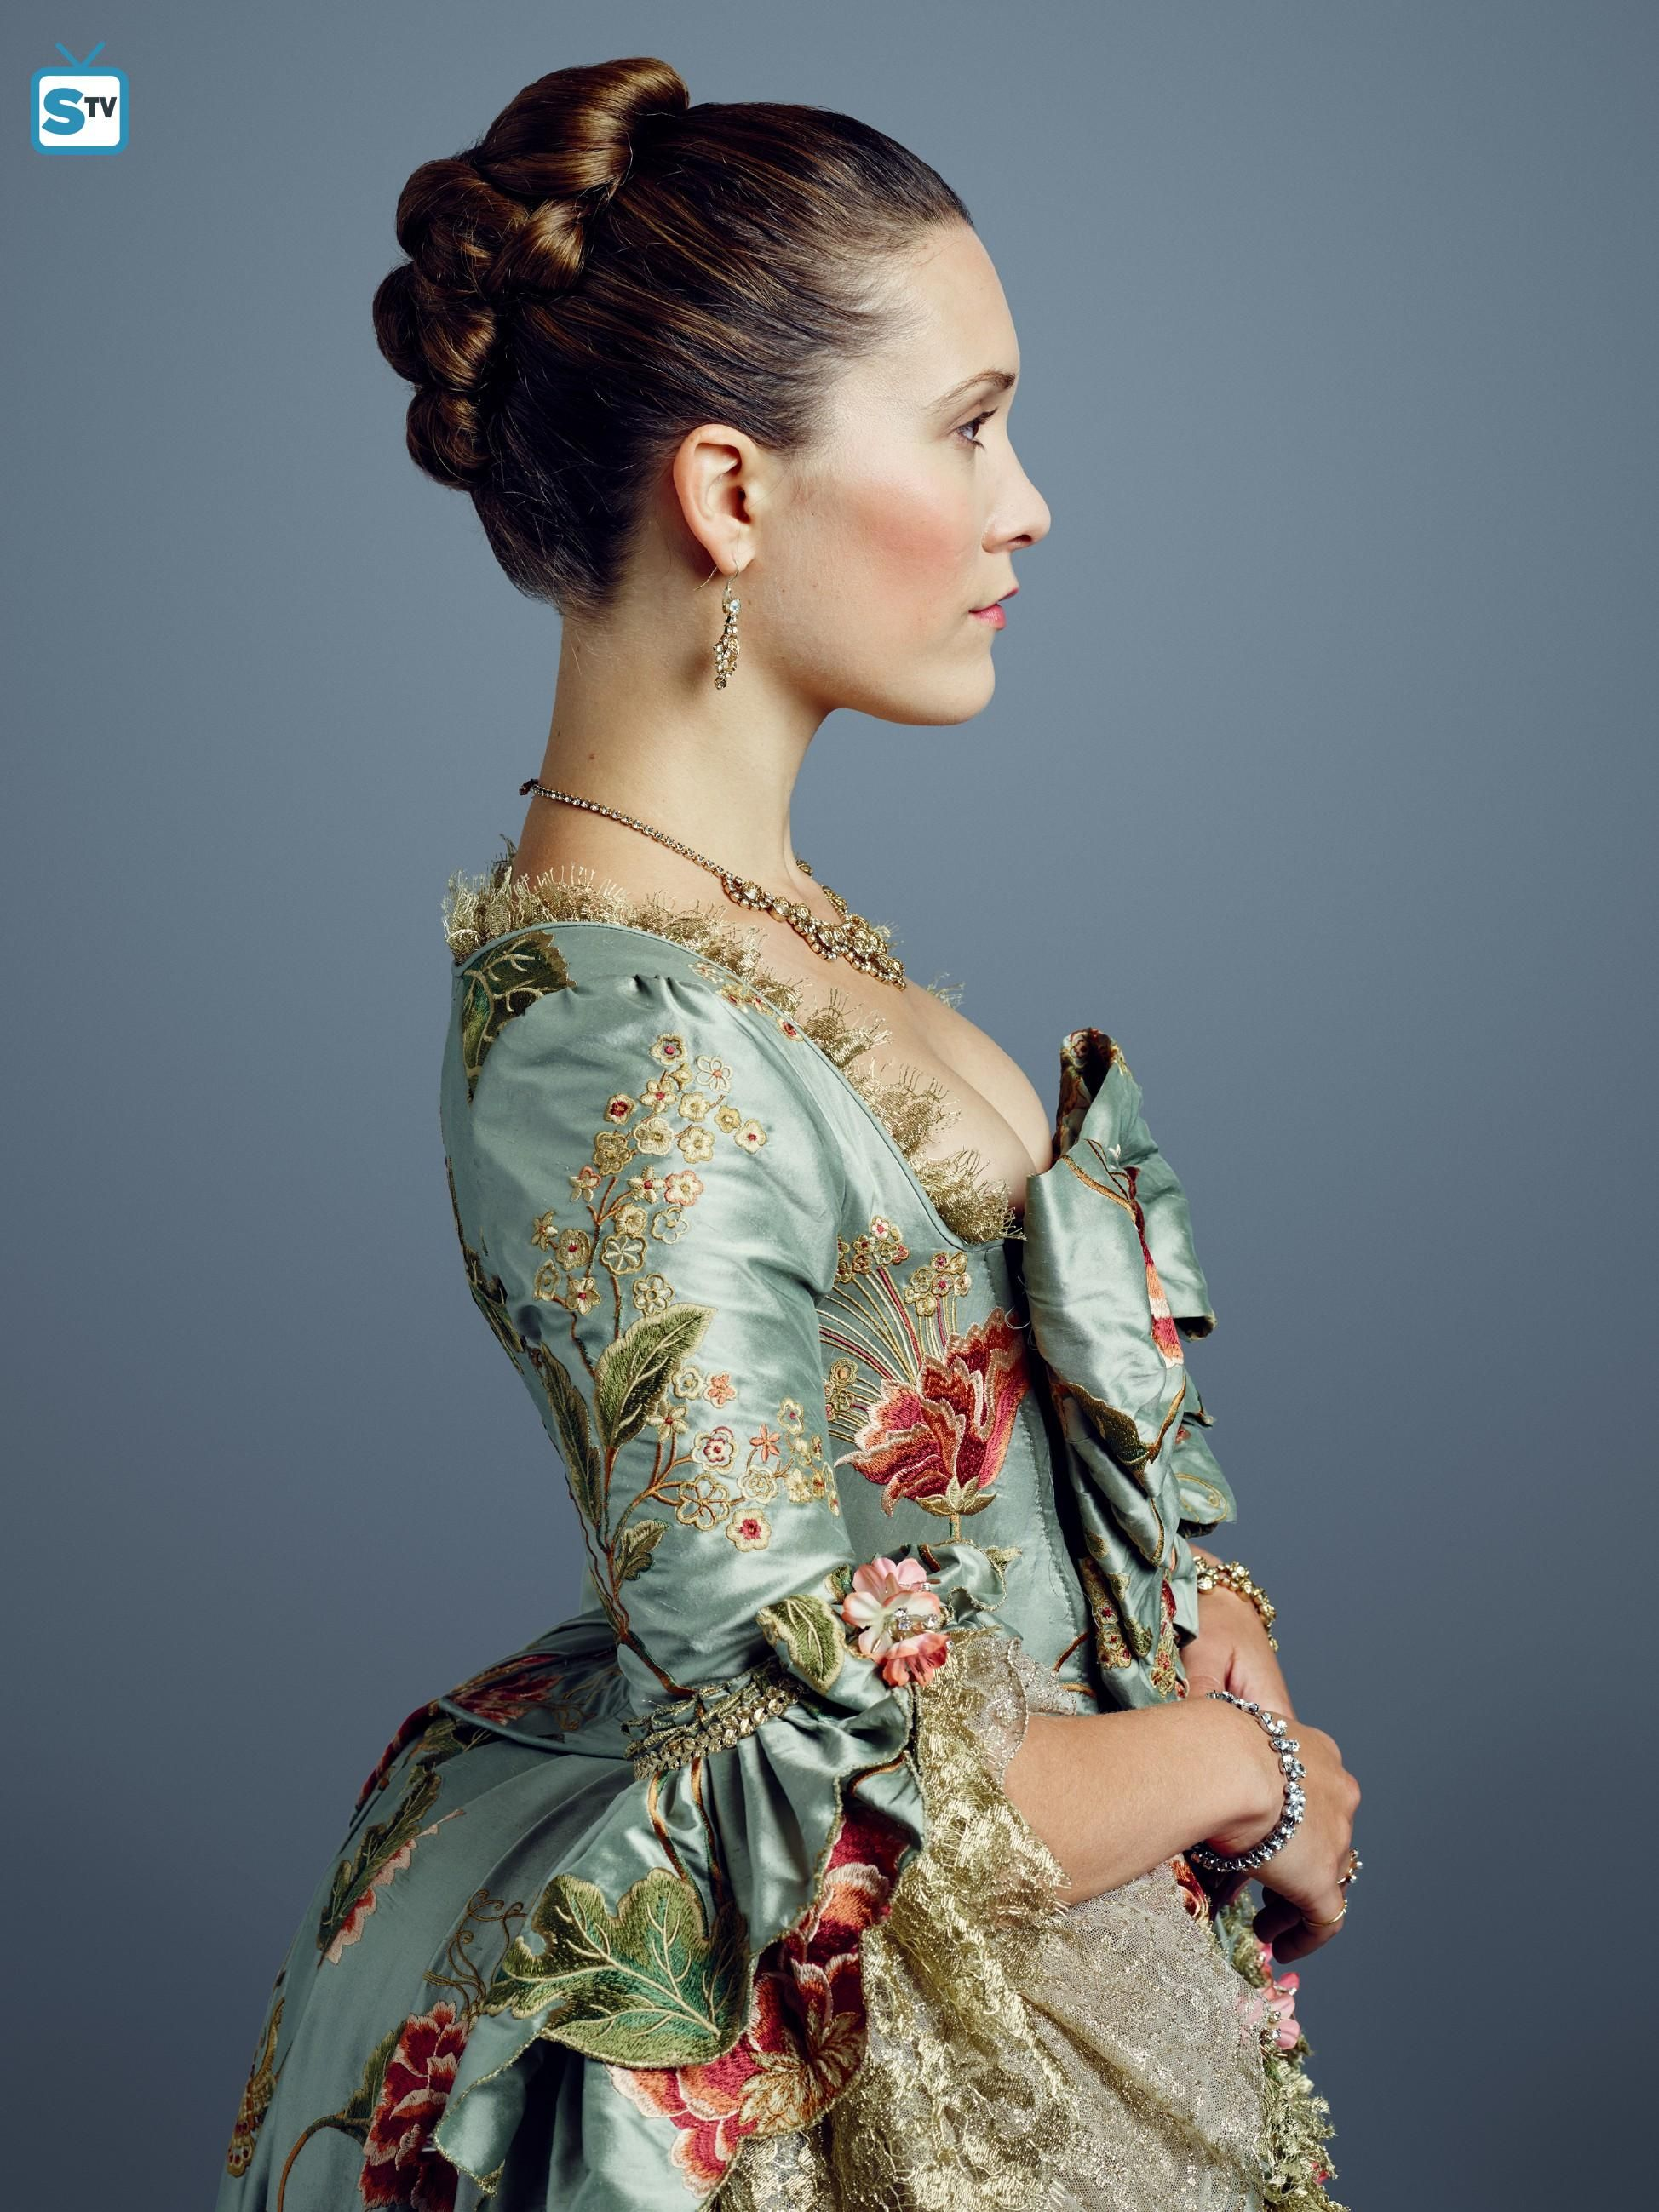 Pin von Wendy Nay auf Outlander Season 2 | Pinterest